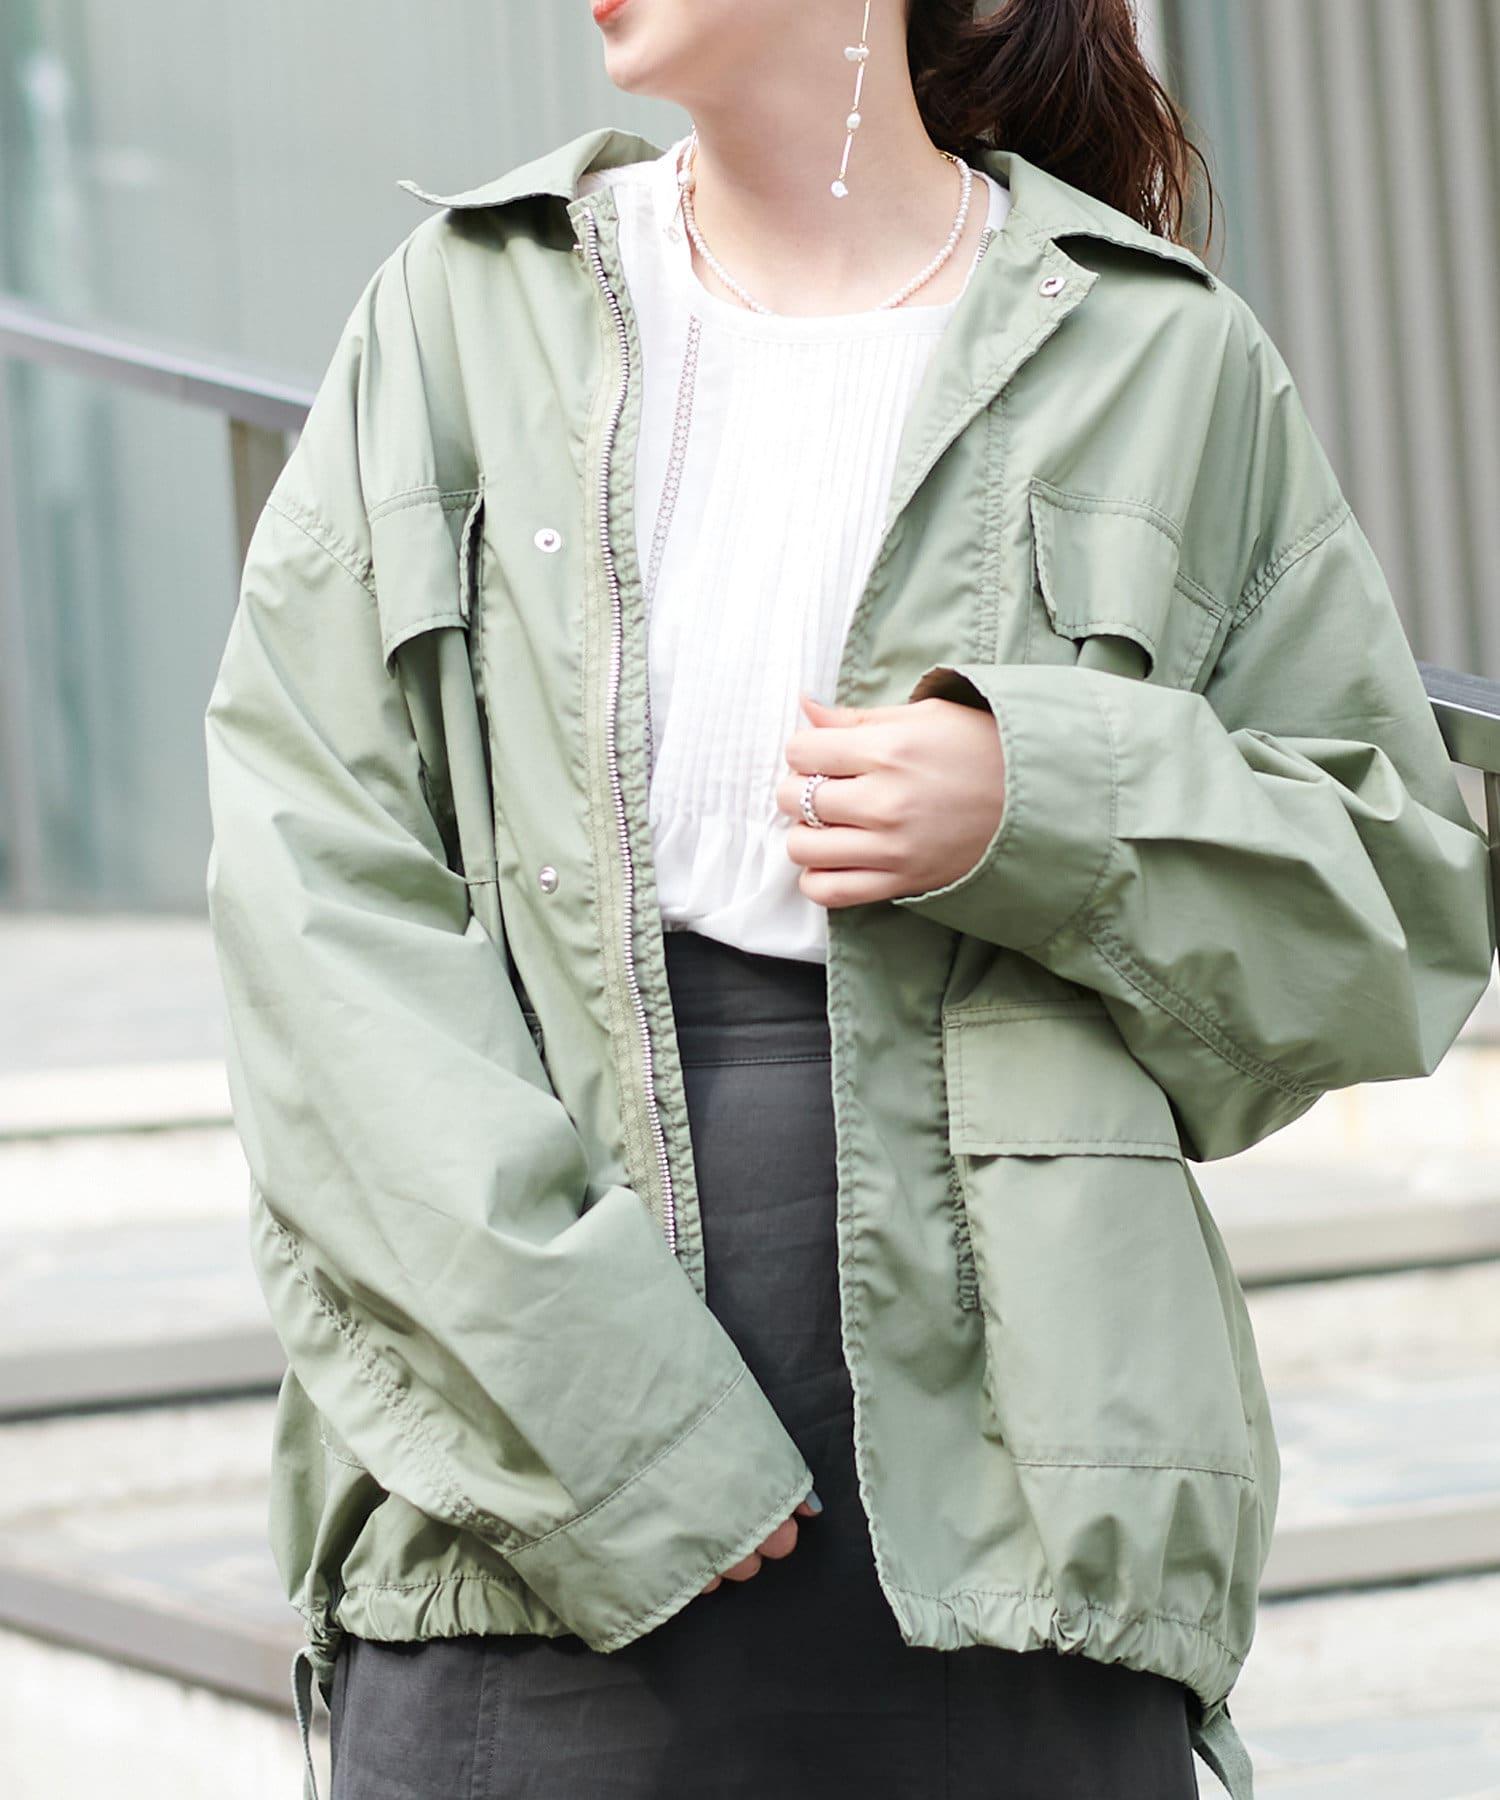 Discoat(ディスコート) レディース オソロミリタリーシャツジャケット オリーブ